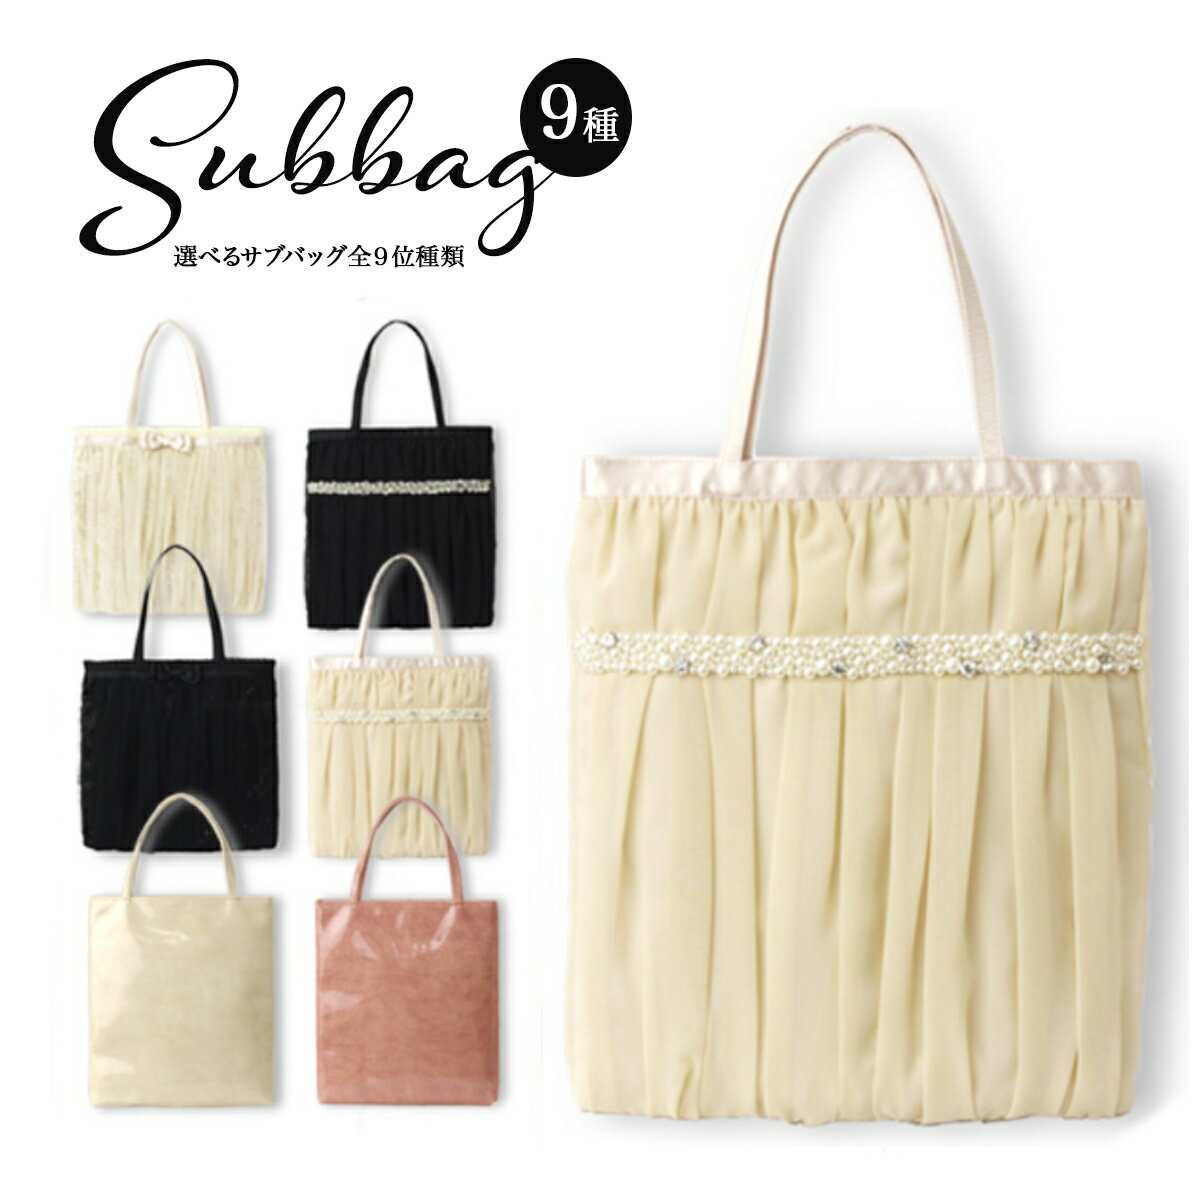 サブバッグ sub bag